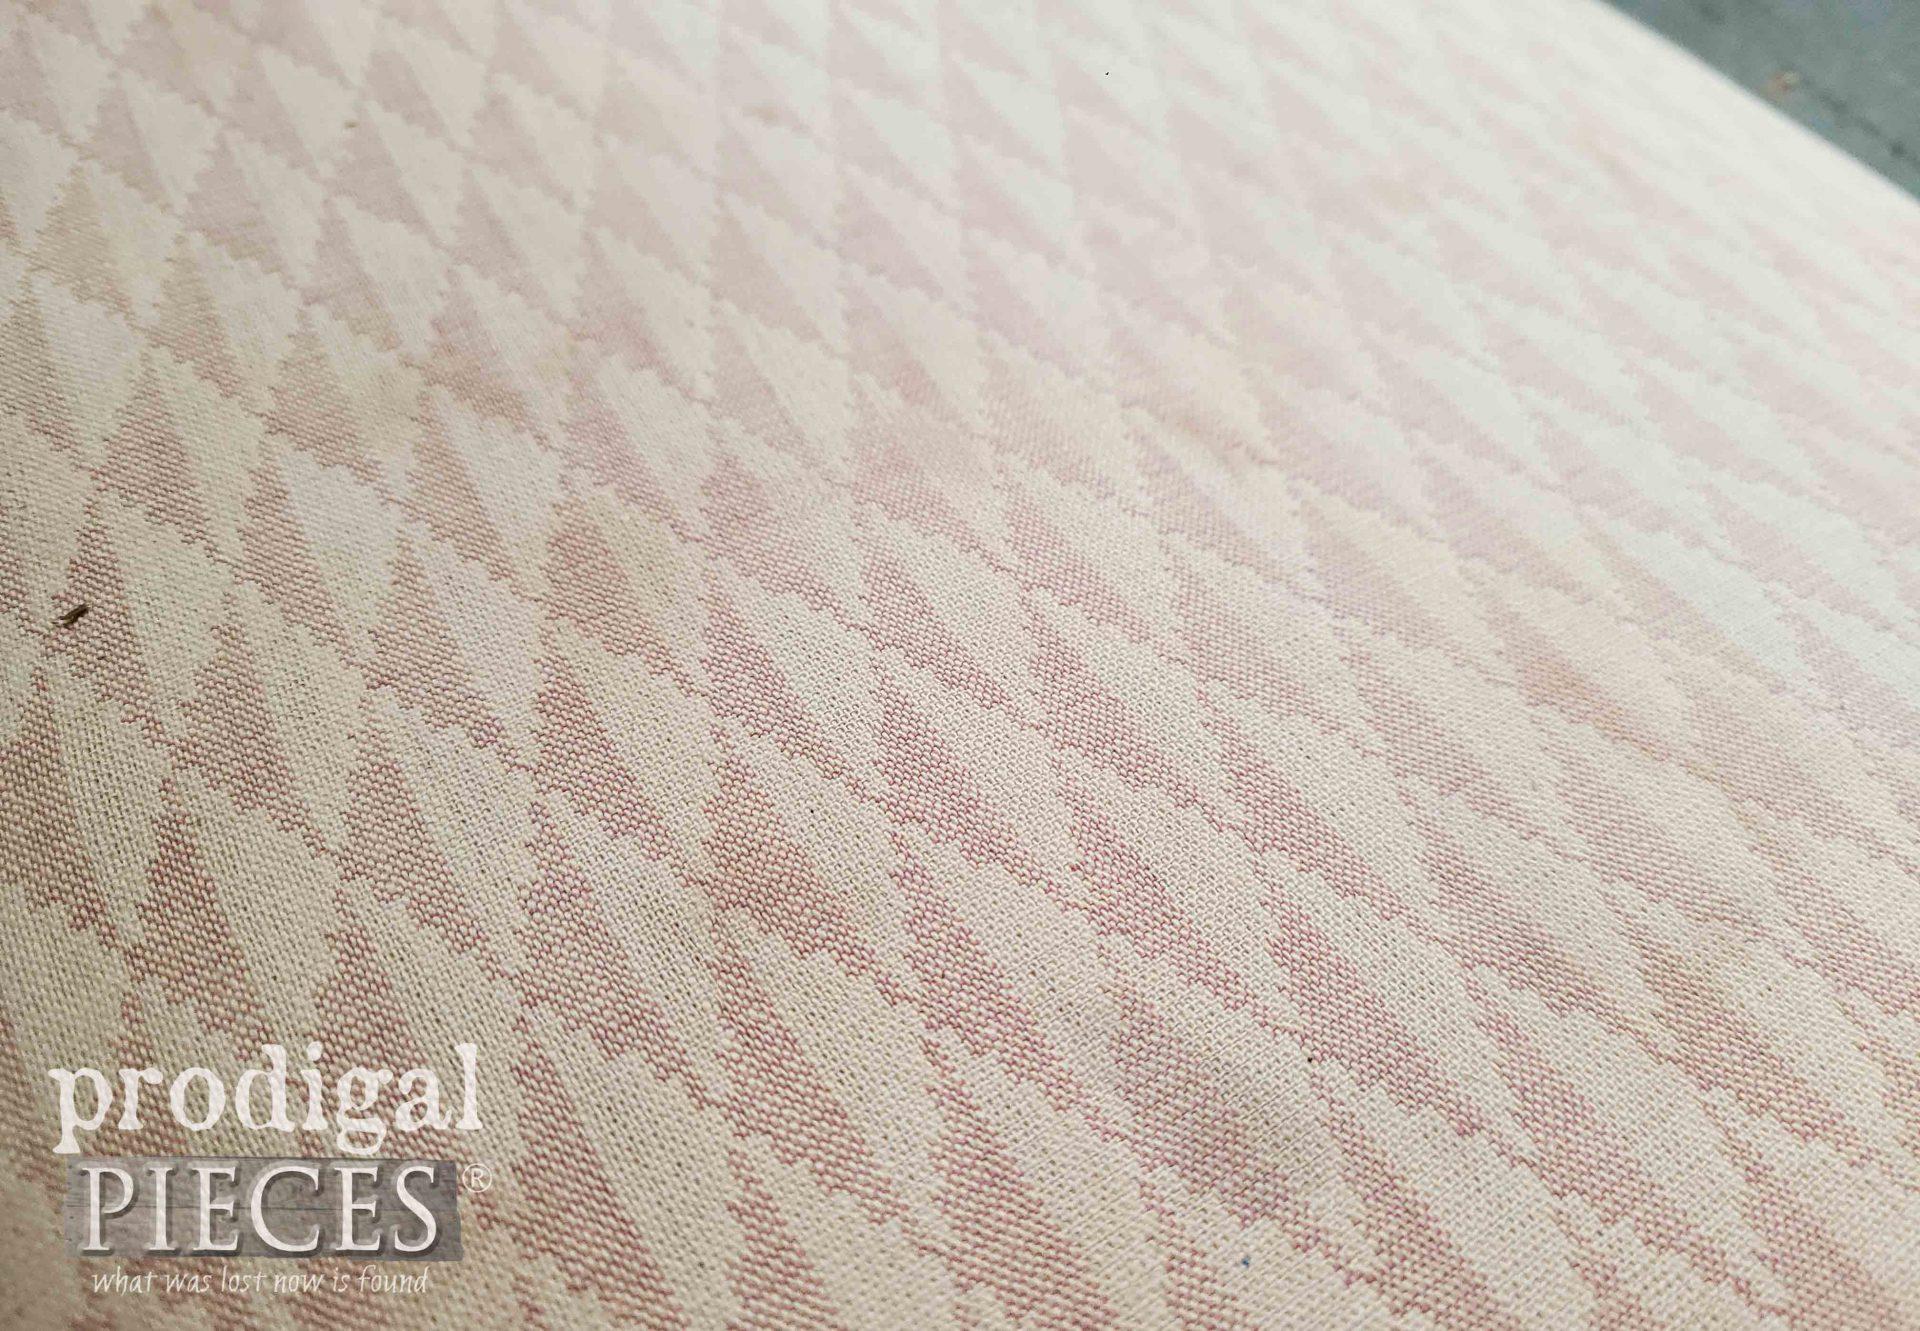 Original Art Deco Fabric on Dressing Table Bench | prodigalpieces.com